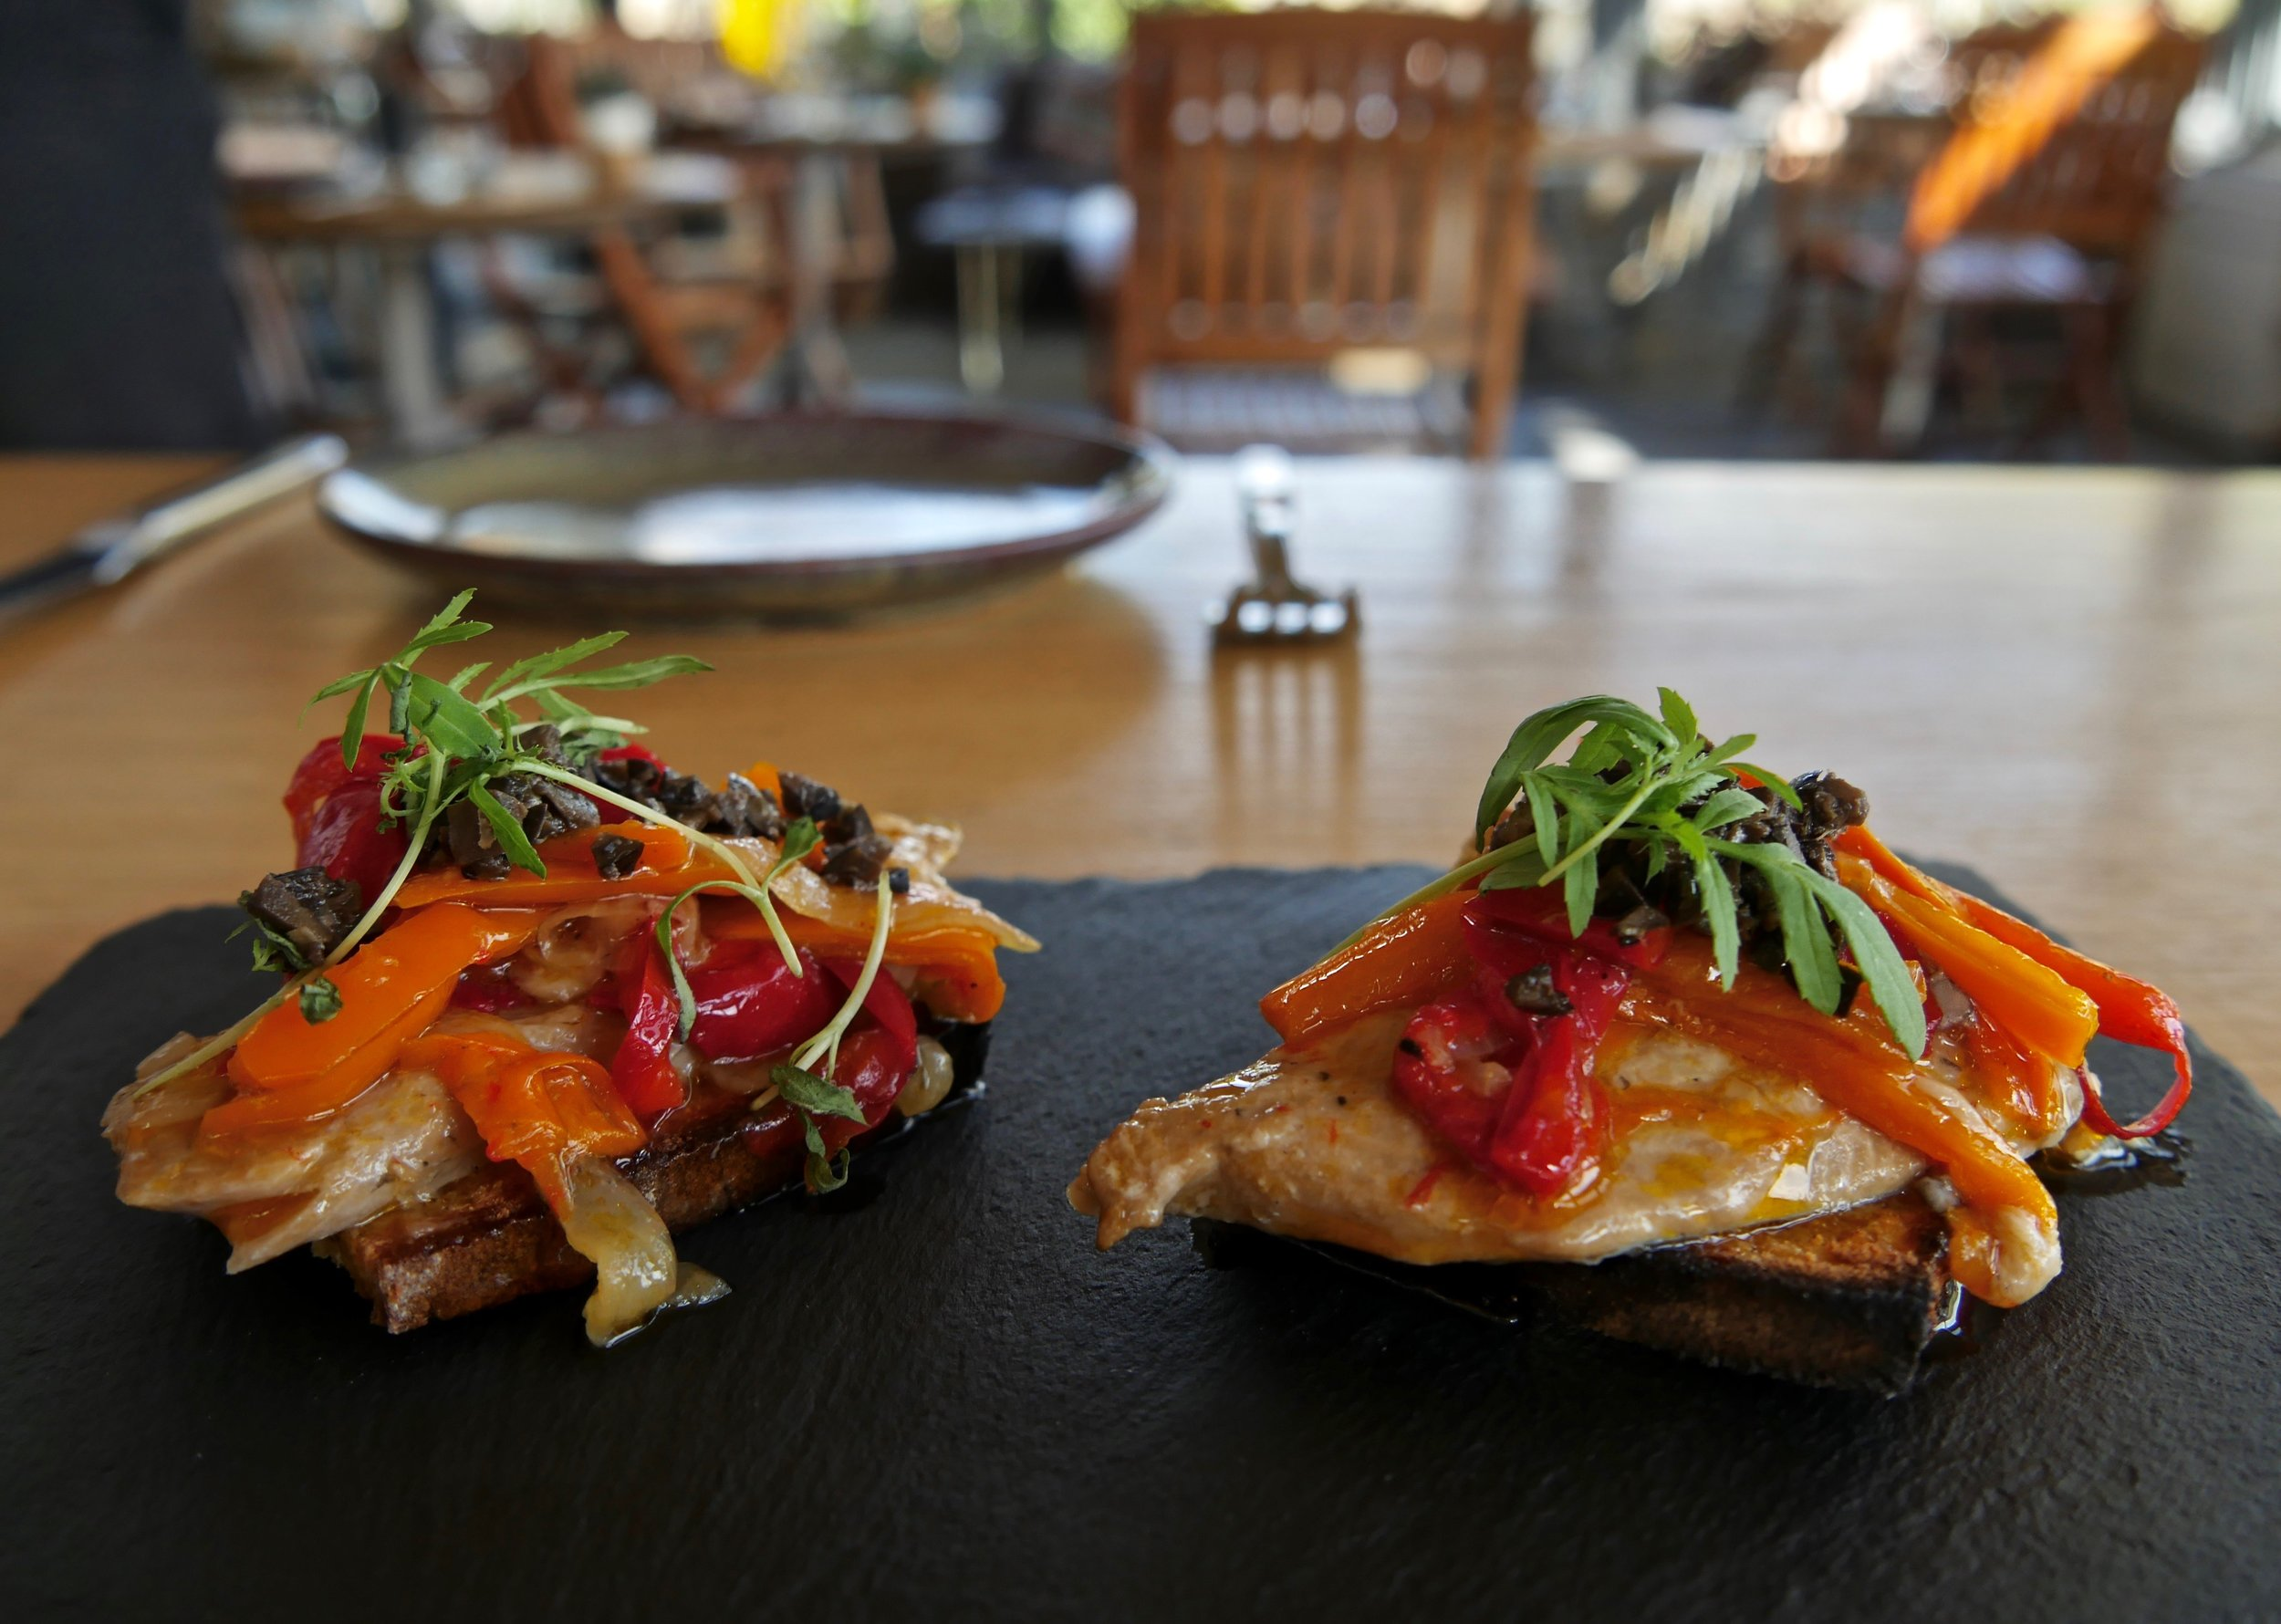 Truite marinée au poivron grillé servie sur des toasts de pain de maïs.